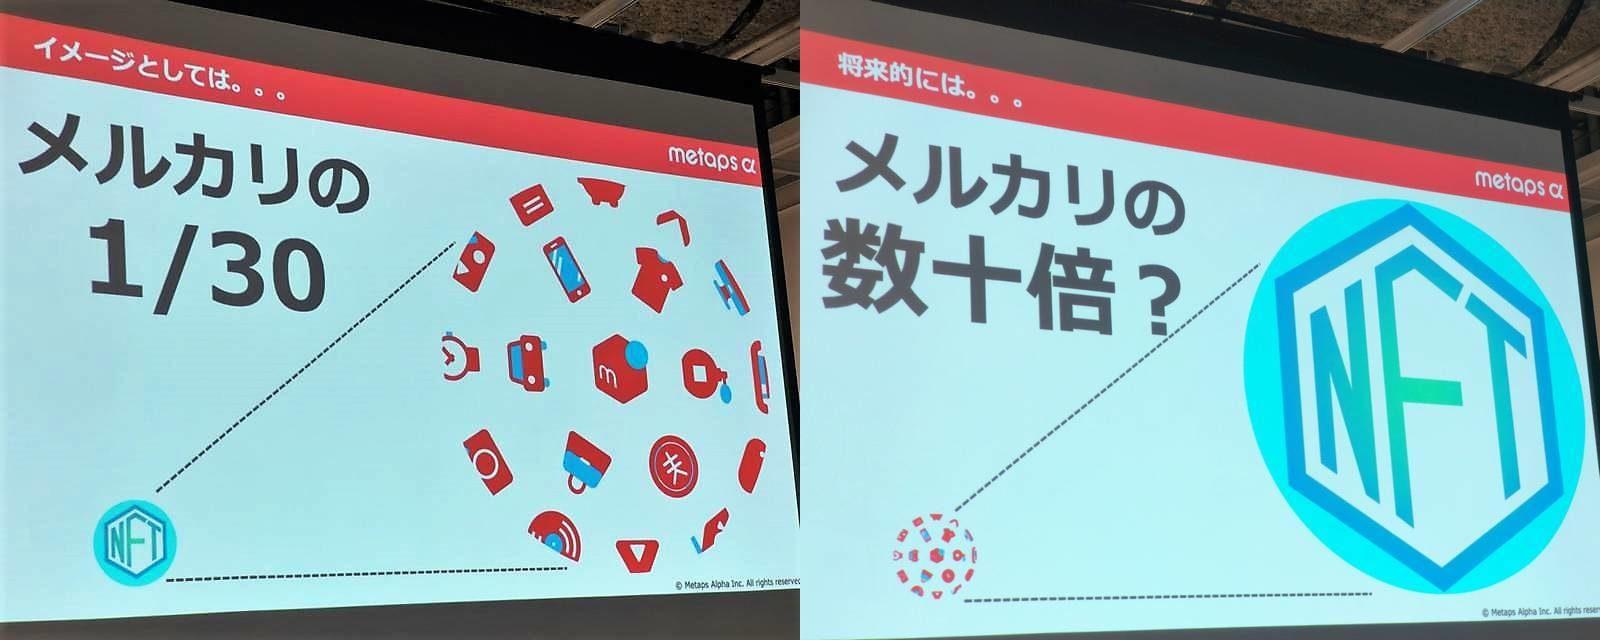 成田氏がセッションの冒頭で示した「メルカリの30分の1」と終盤で示した「メルカリの数十倍?」のスライド。比較対象にあえて業界の巨人をもってくるところに、市場開拓者としての強い意気込みが感じられる